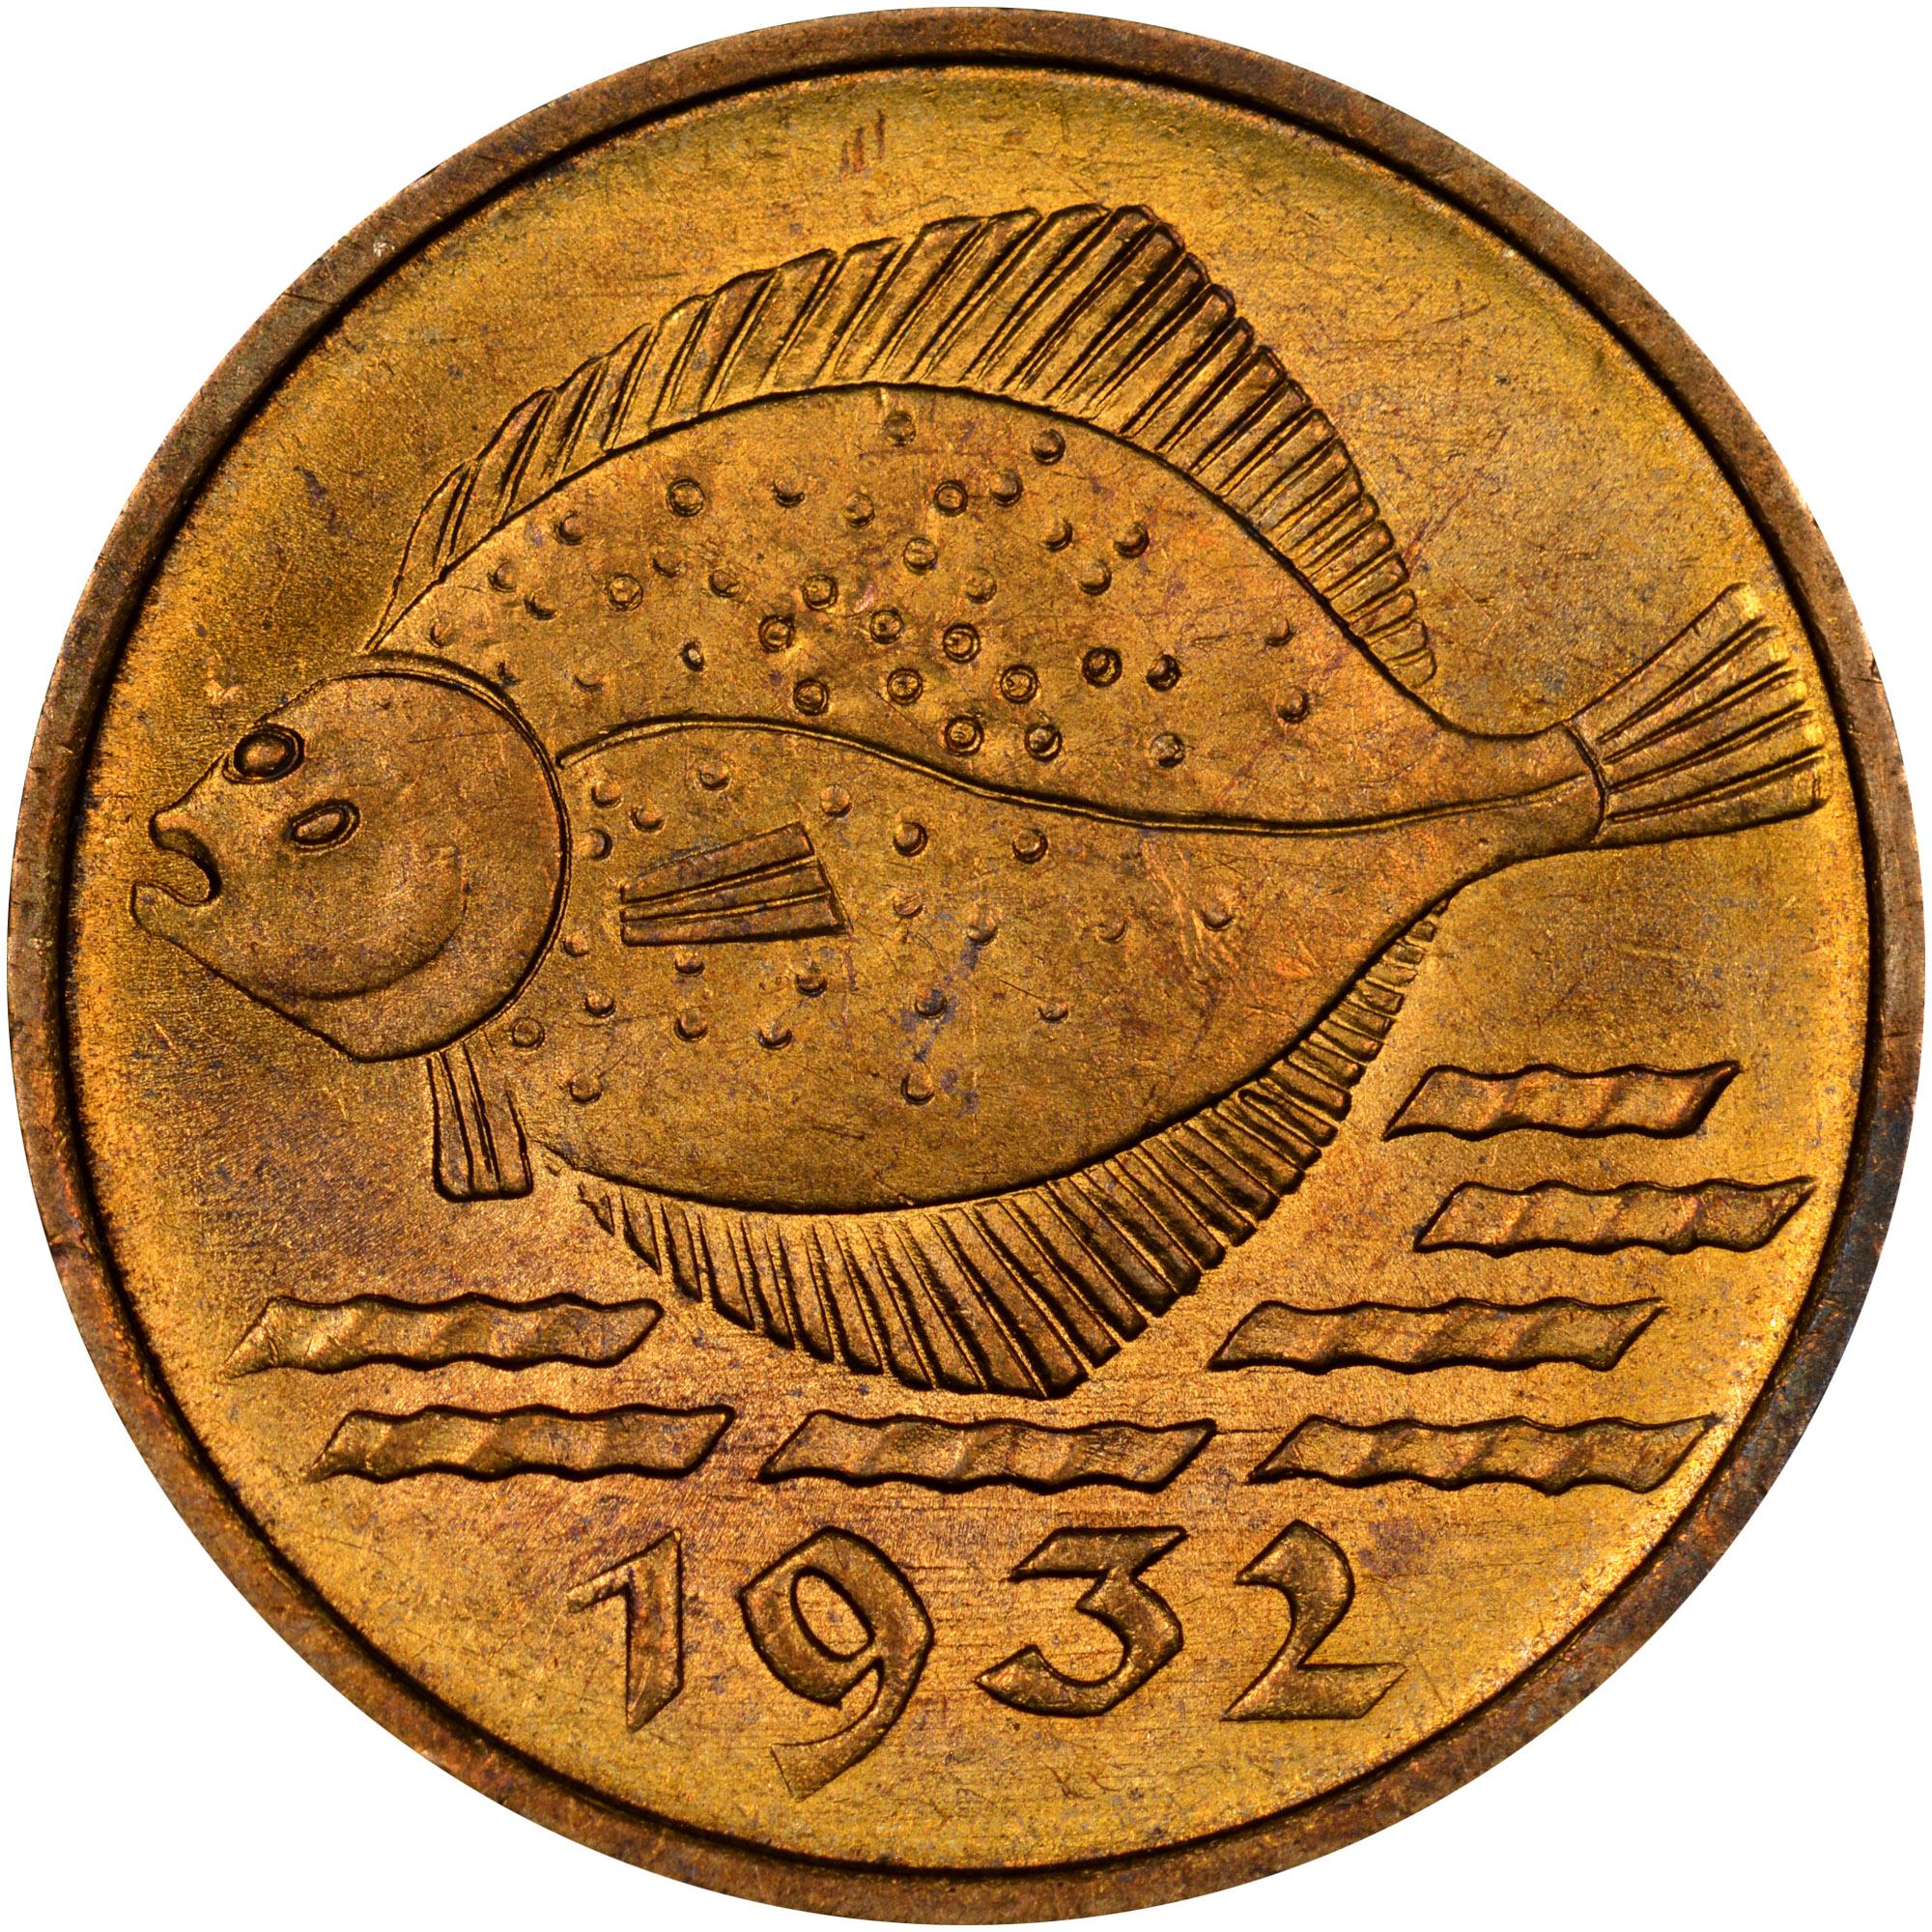 1932 Danzig 5 Pfennig reverse